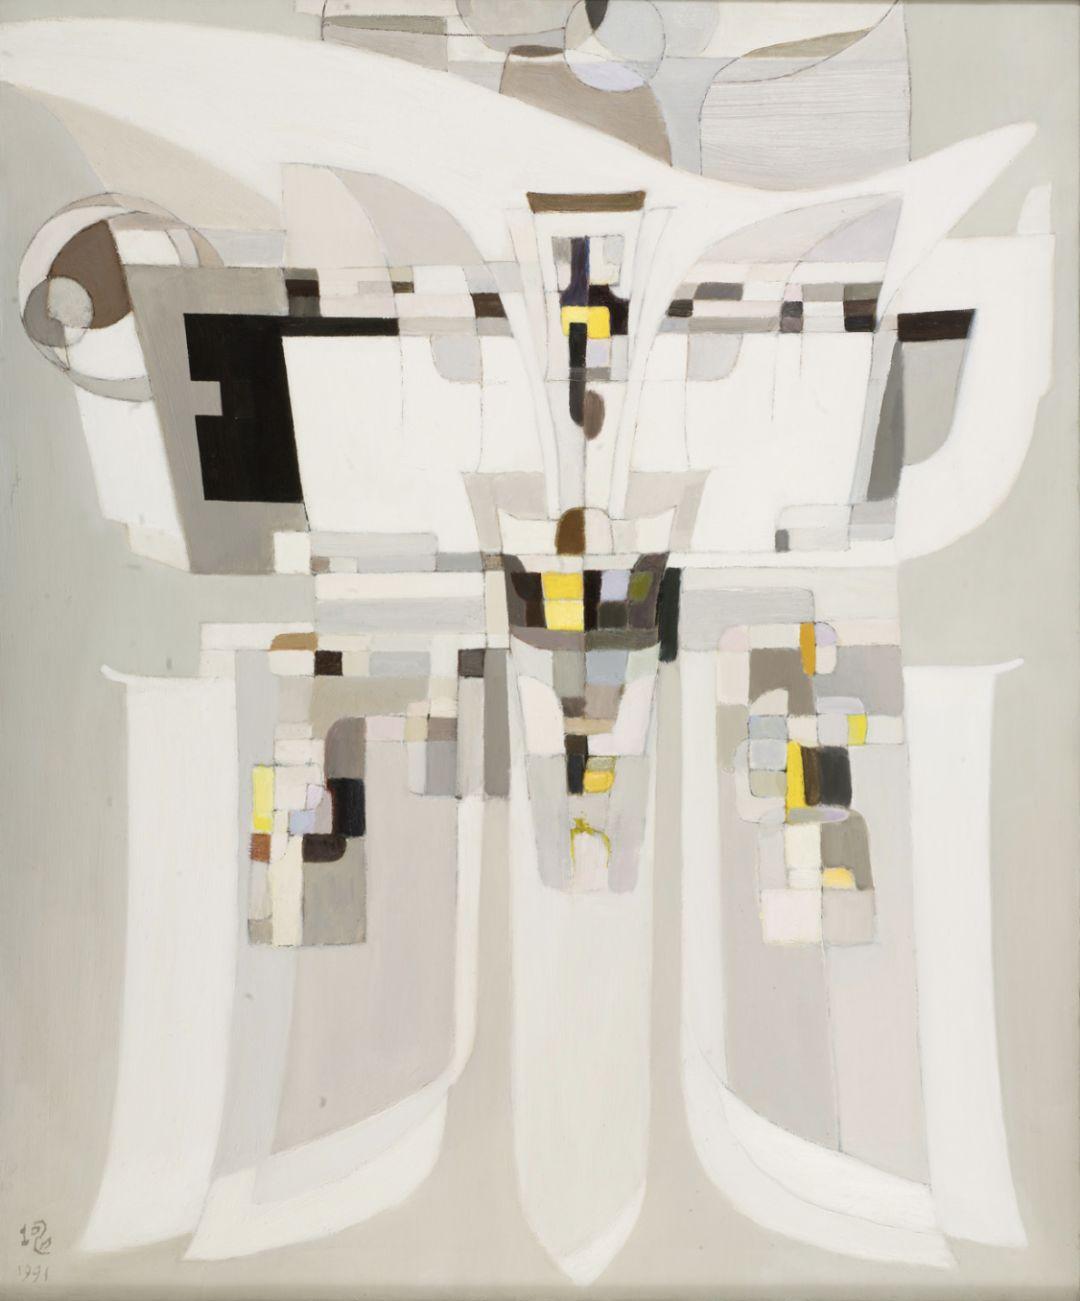 厐壔,青铜的启示―爵、斝No.3,1991年,布面油画、丙烯,91.4×75.7厘米